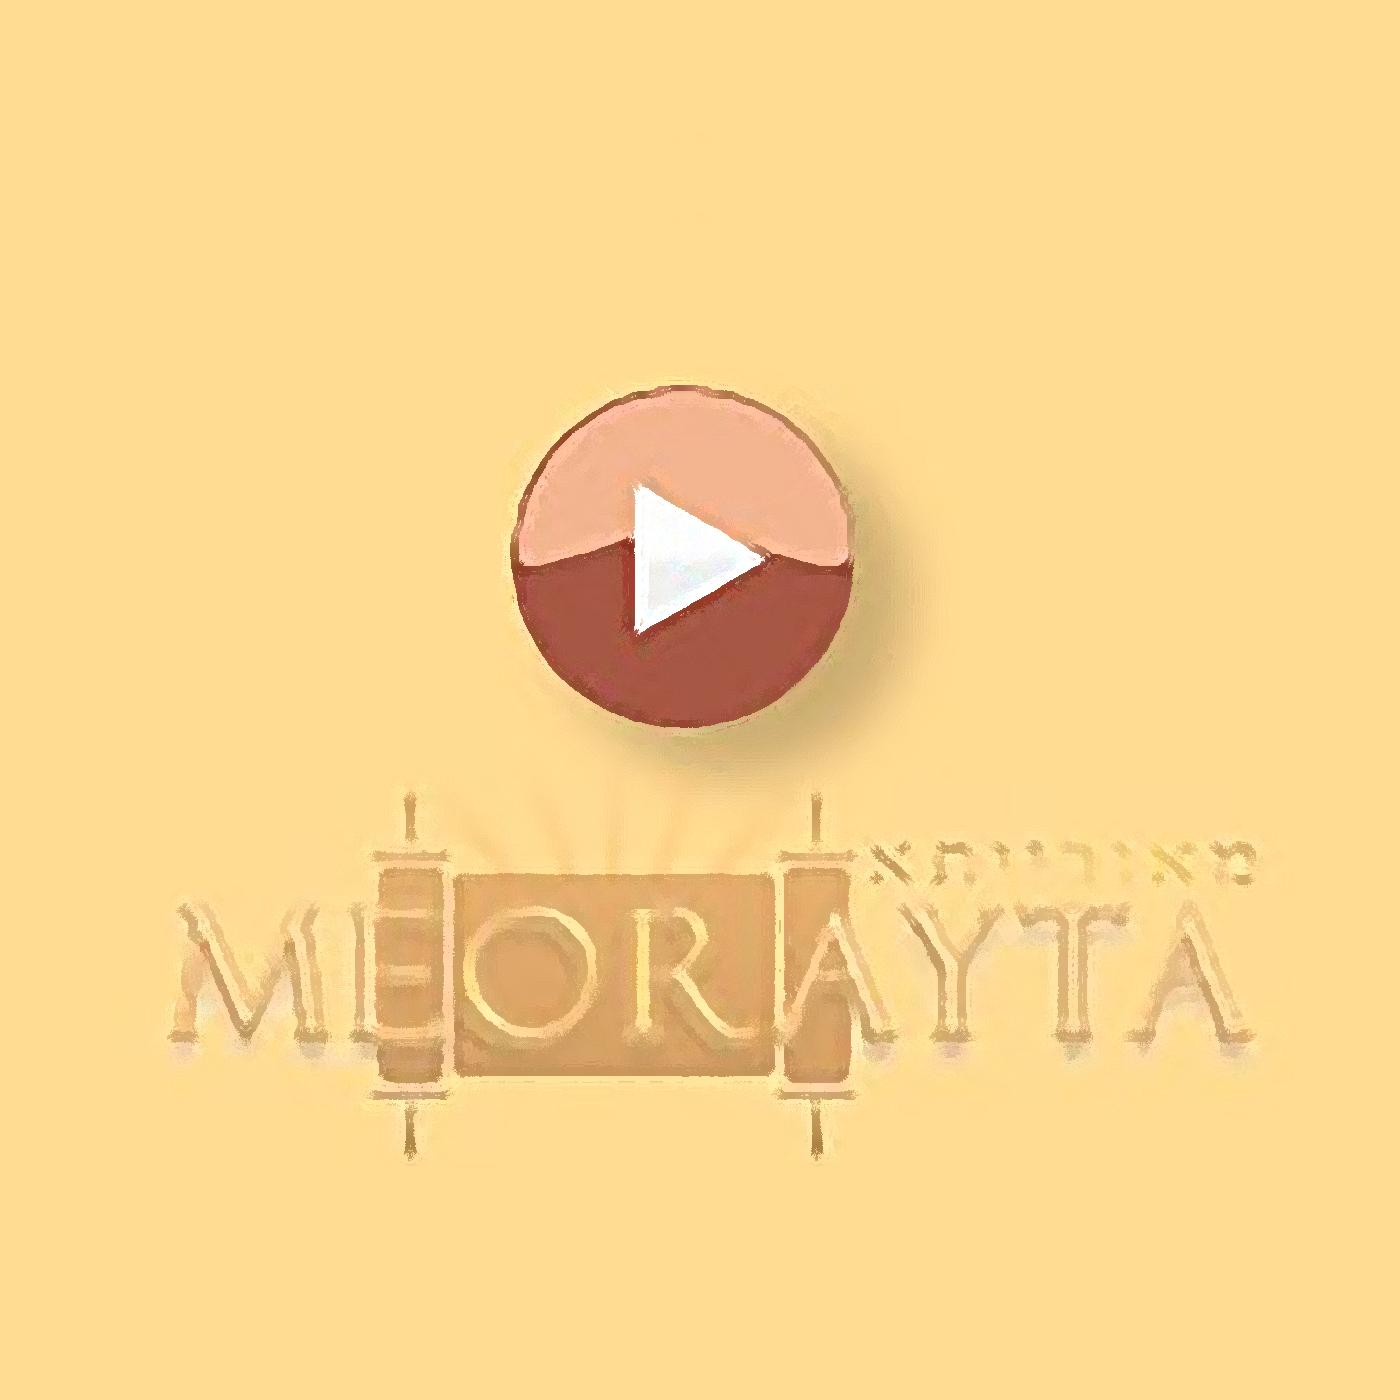 Meorayta Podcast